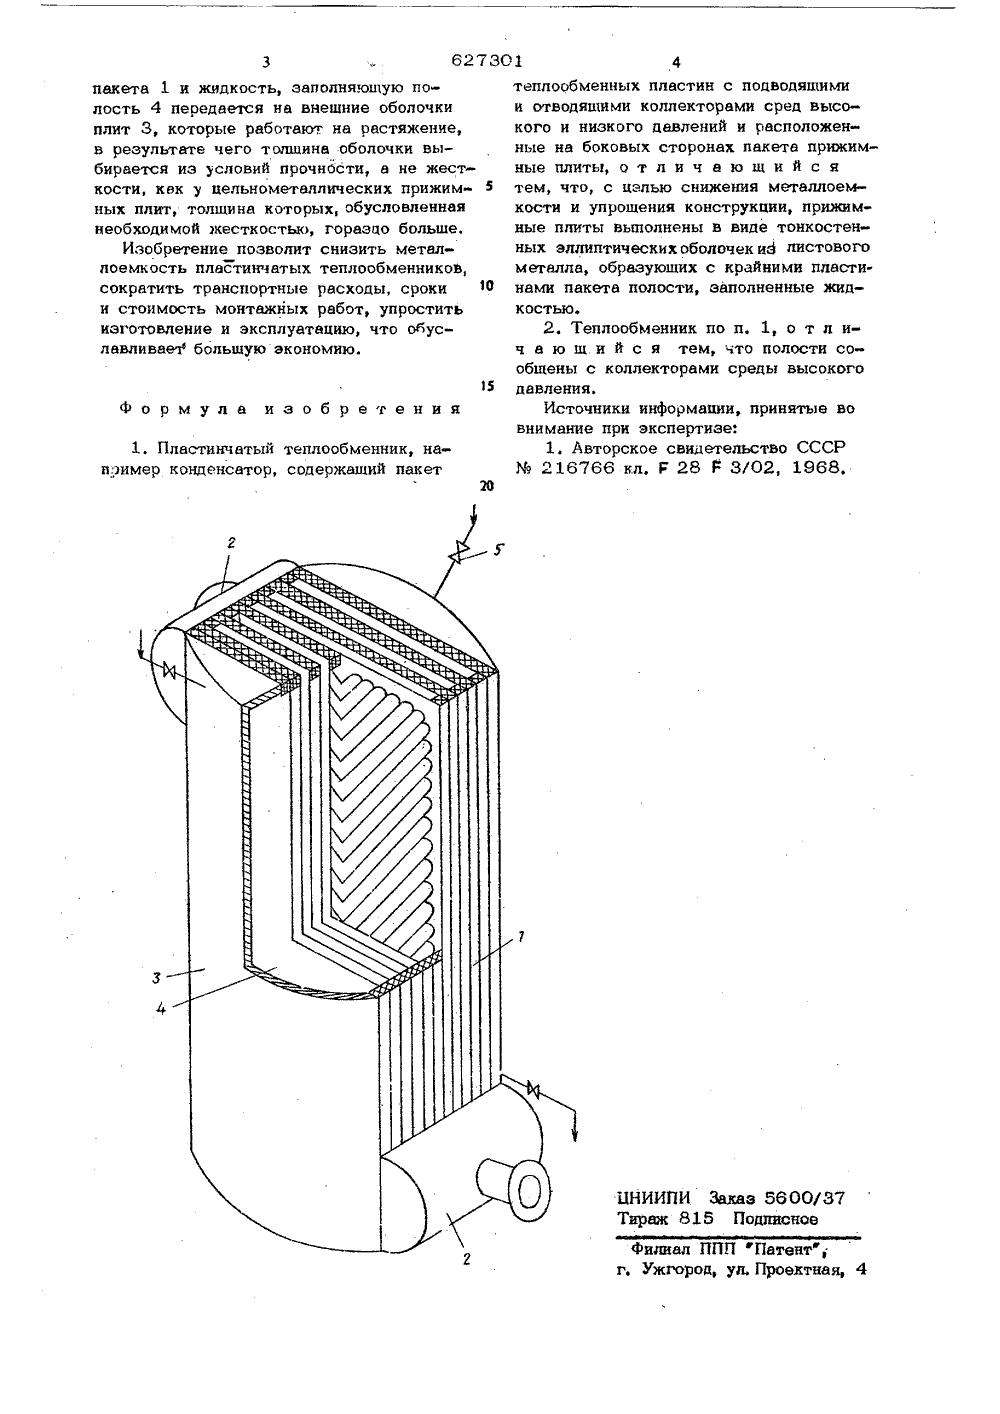 Теплообменник рф требования расчет пластинчатых теплообменников